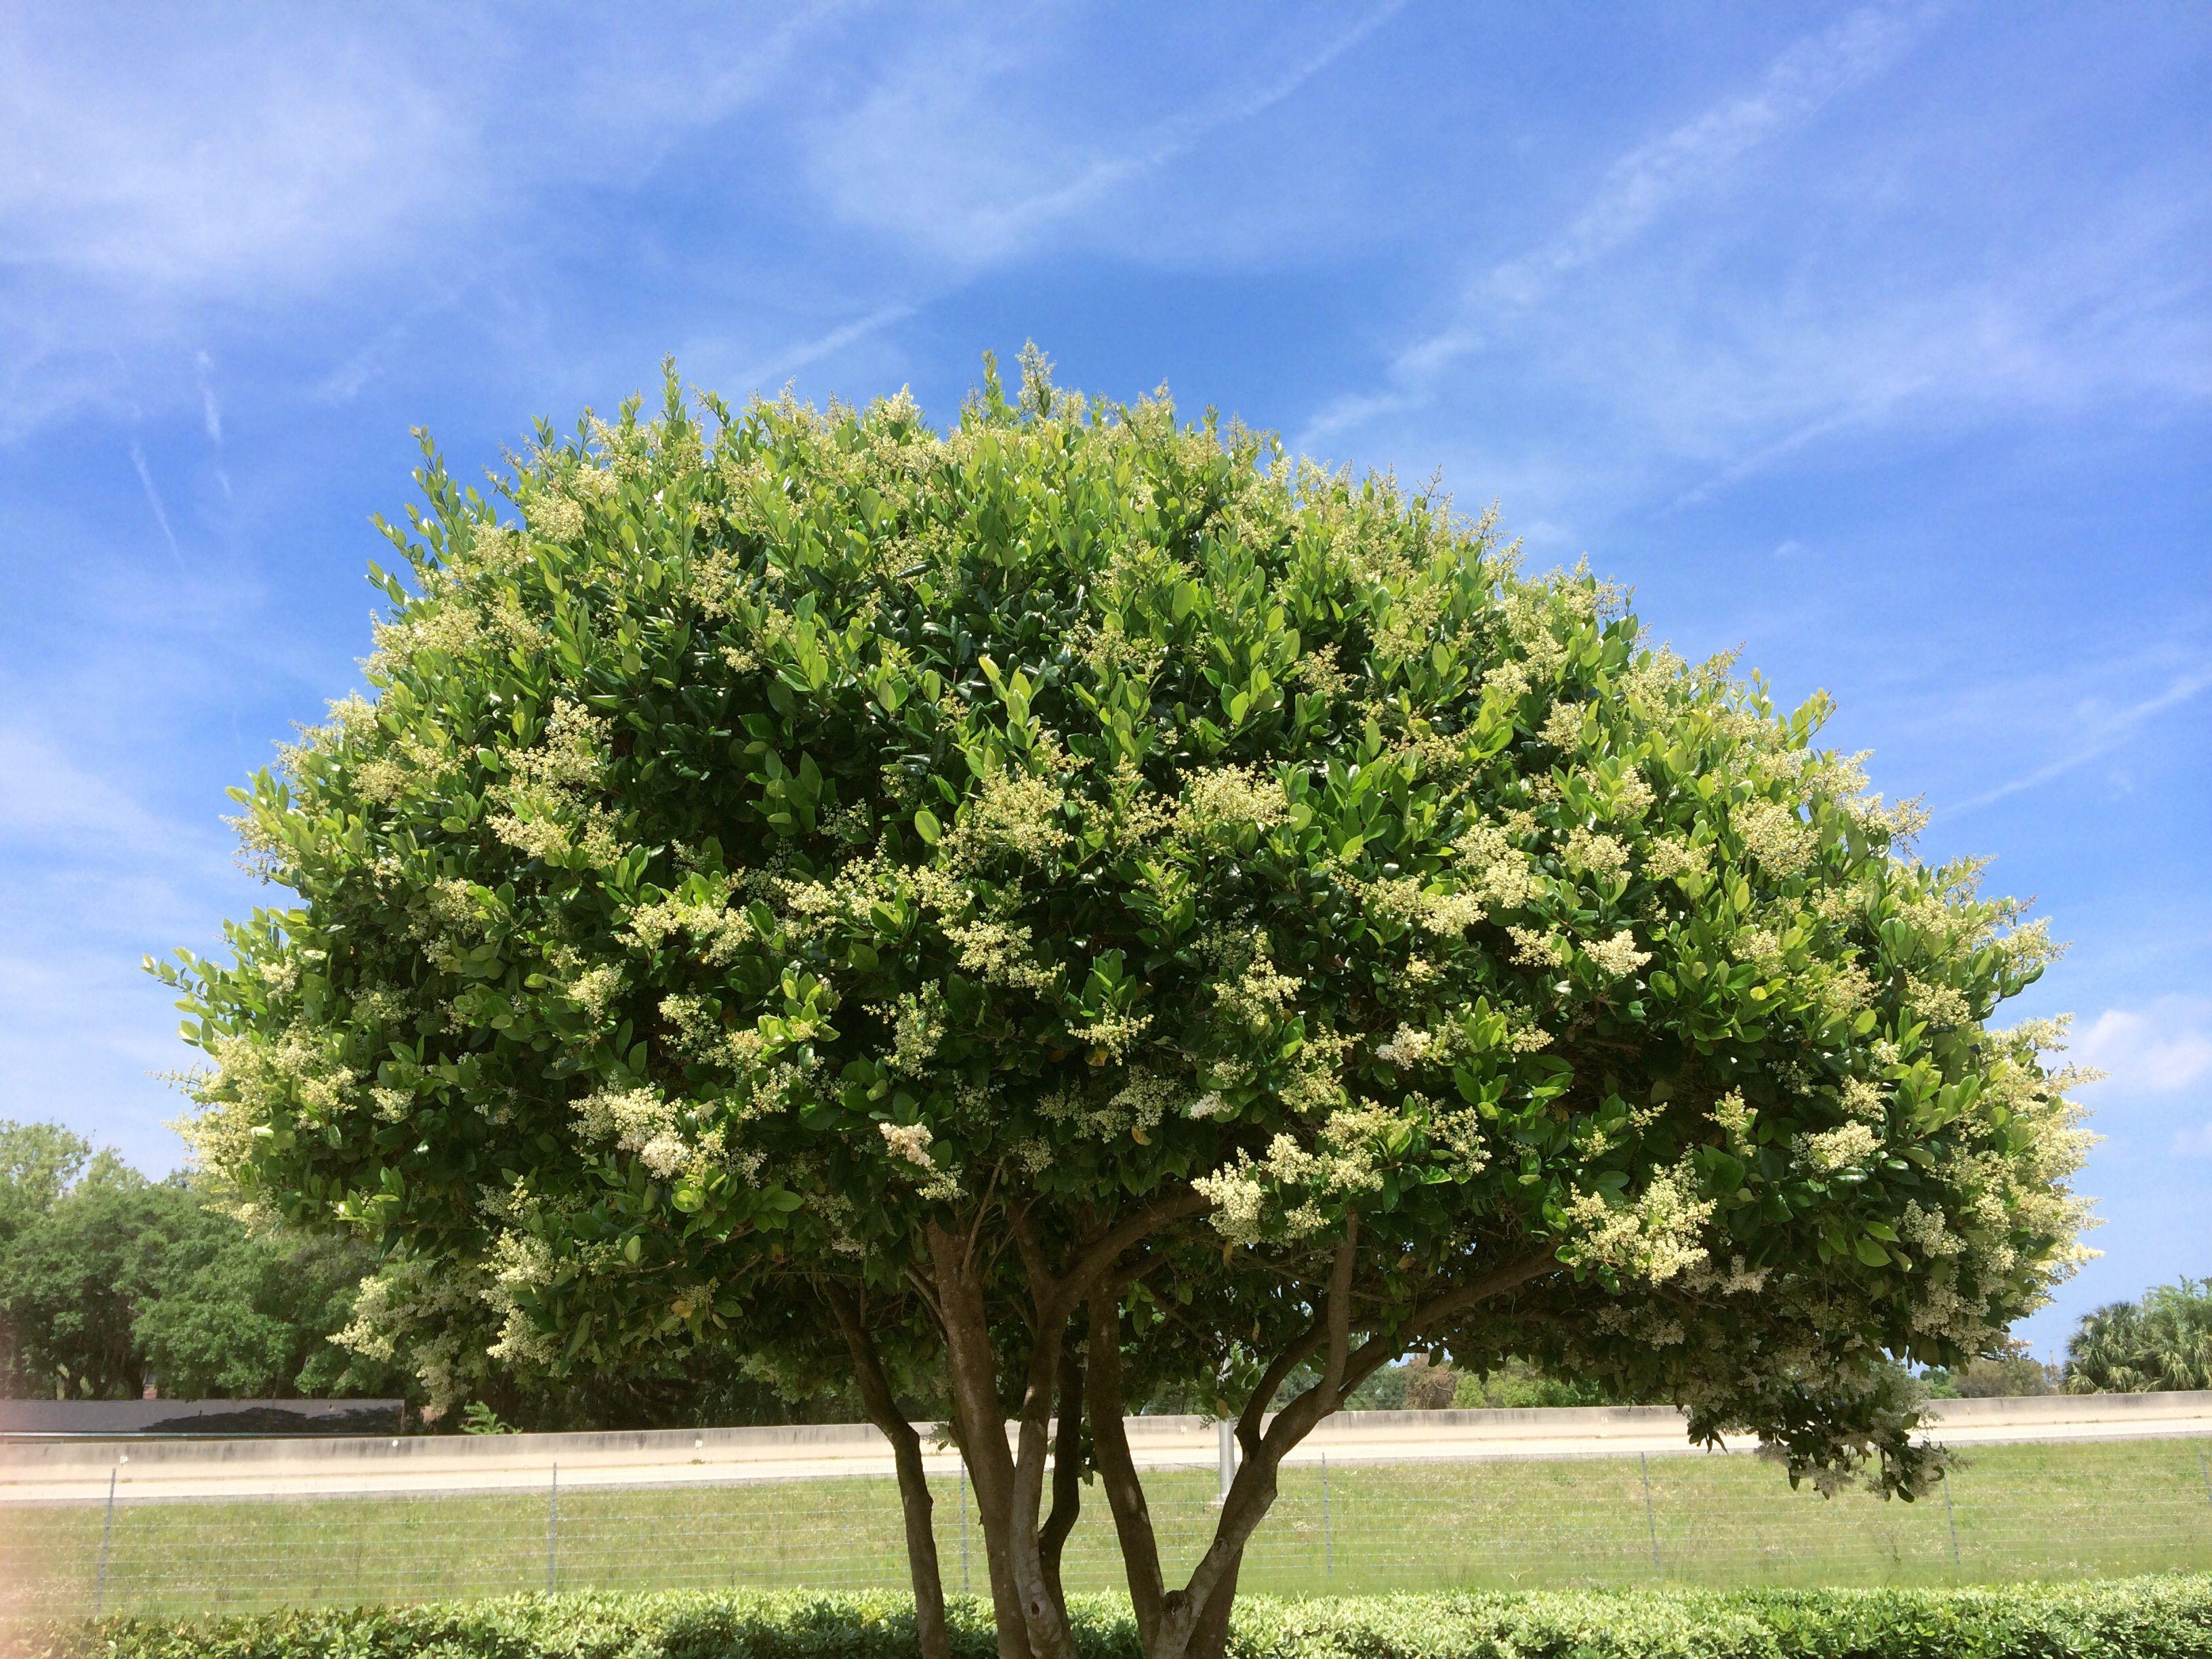 Privet shrub in bloom.